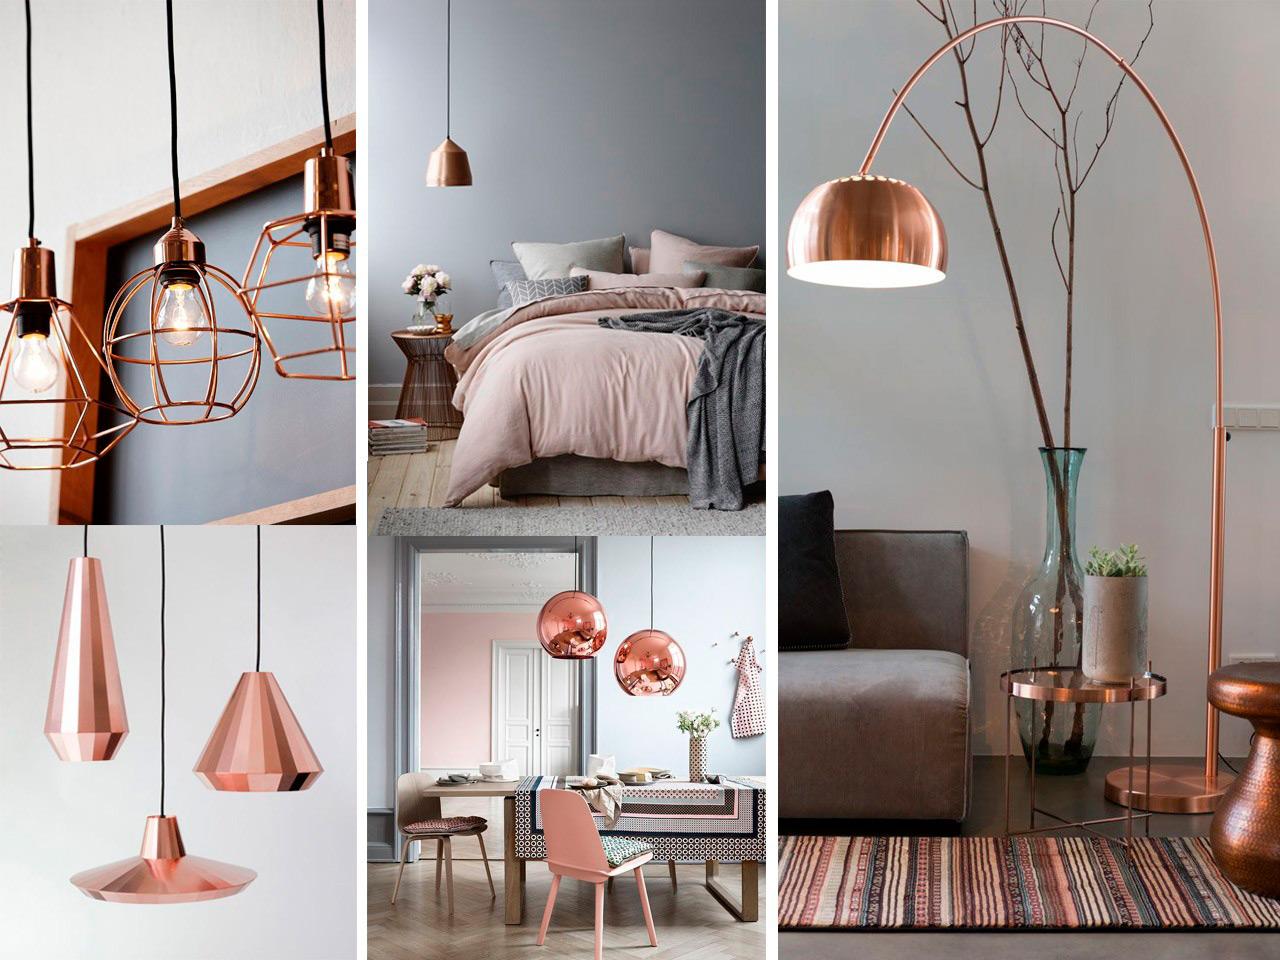 lamparas elegantes y modernas